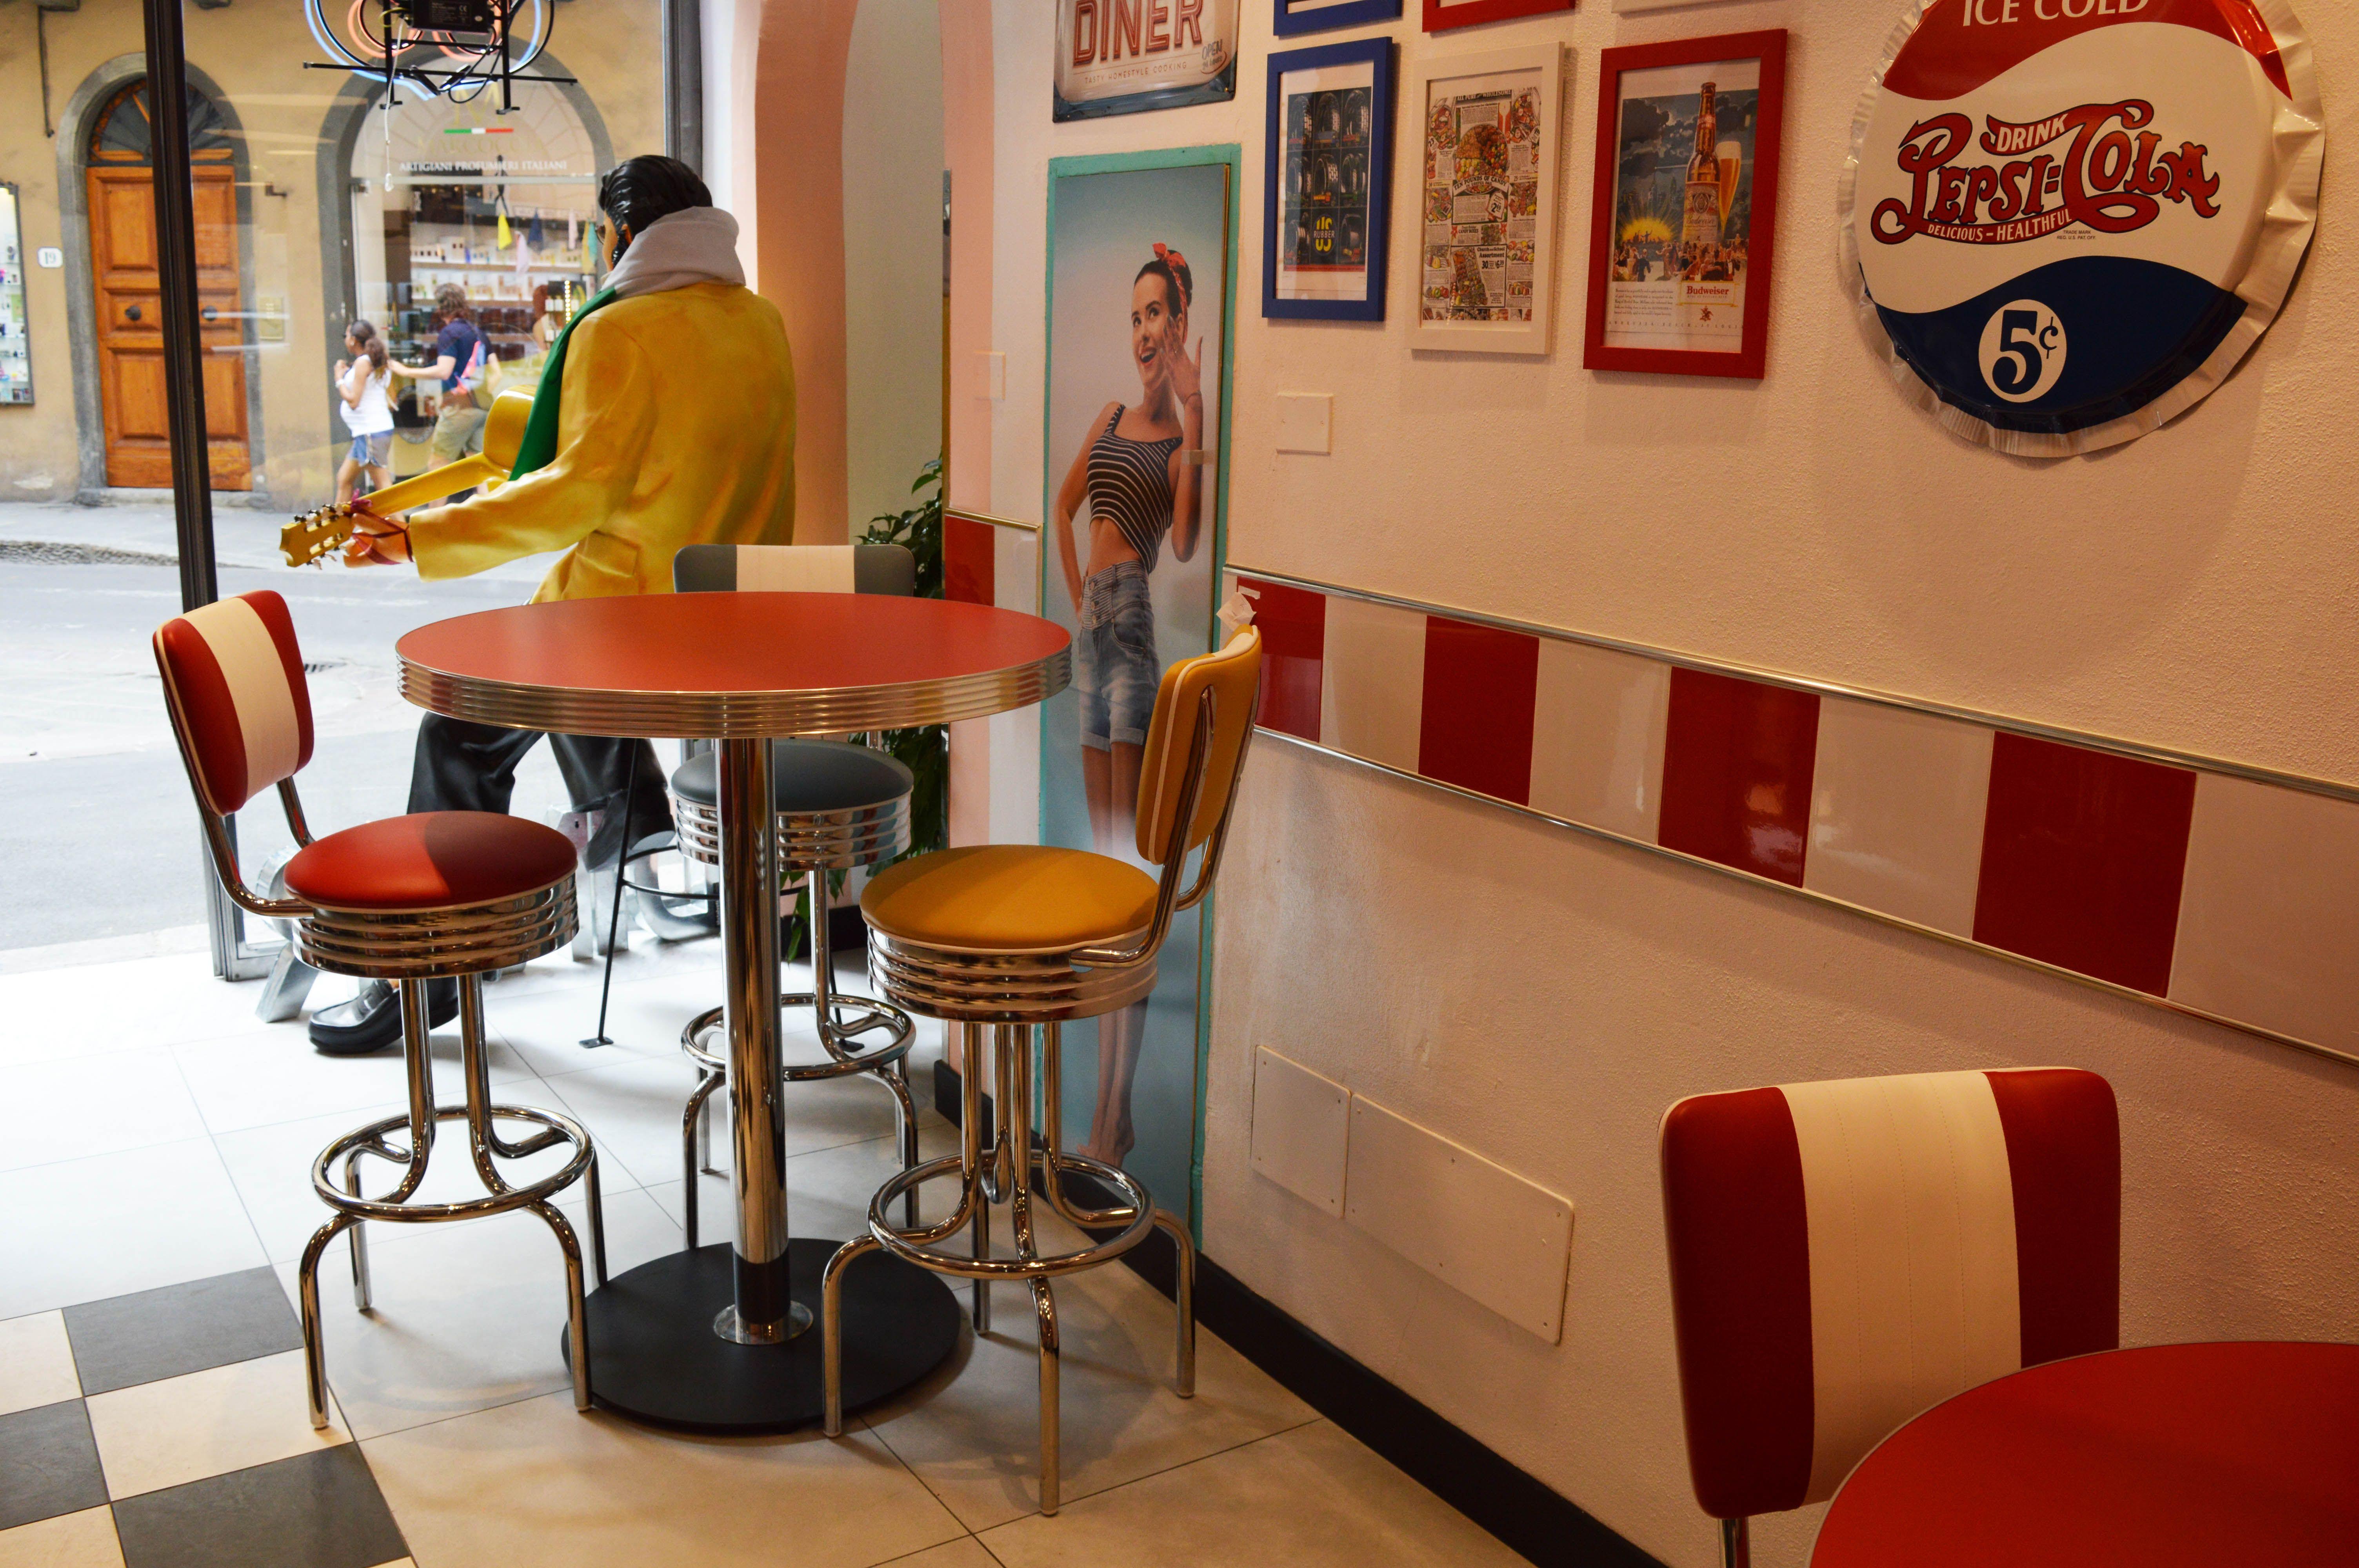 Arredamento Anni 50 Americano : Arredo vintage: arredamento american style per case e locali anni